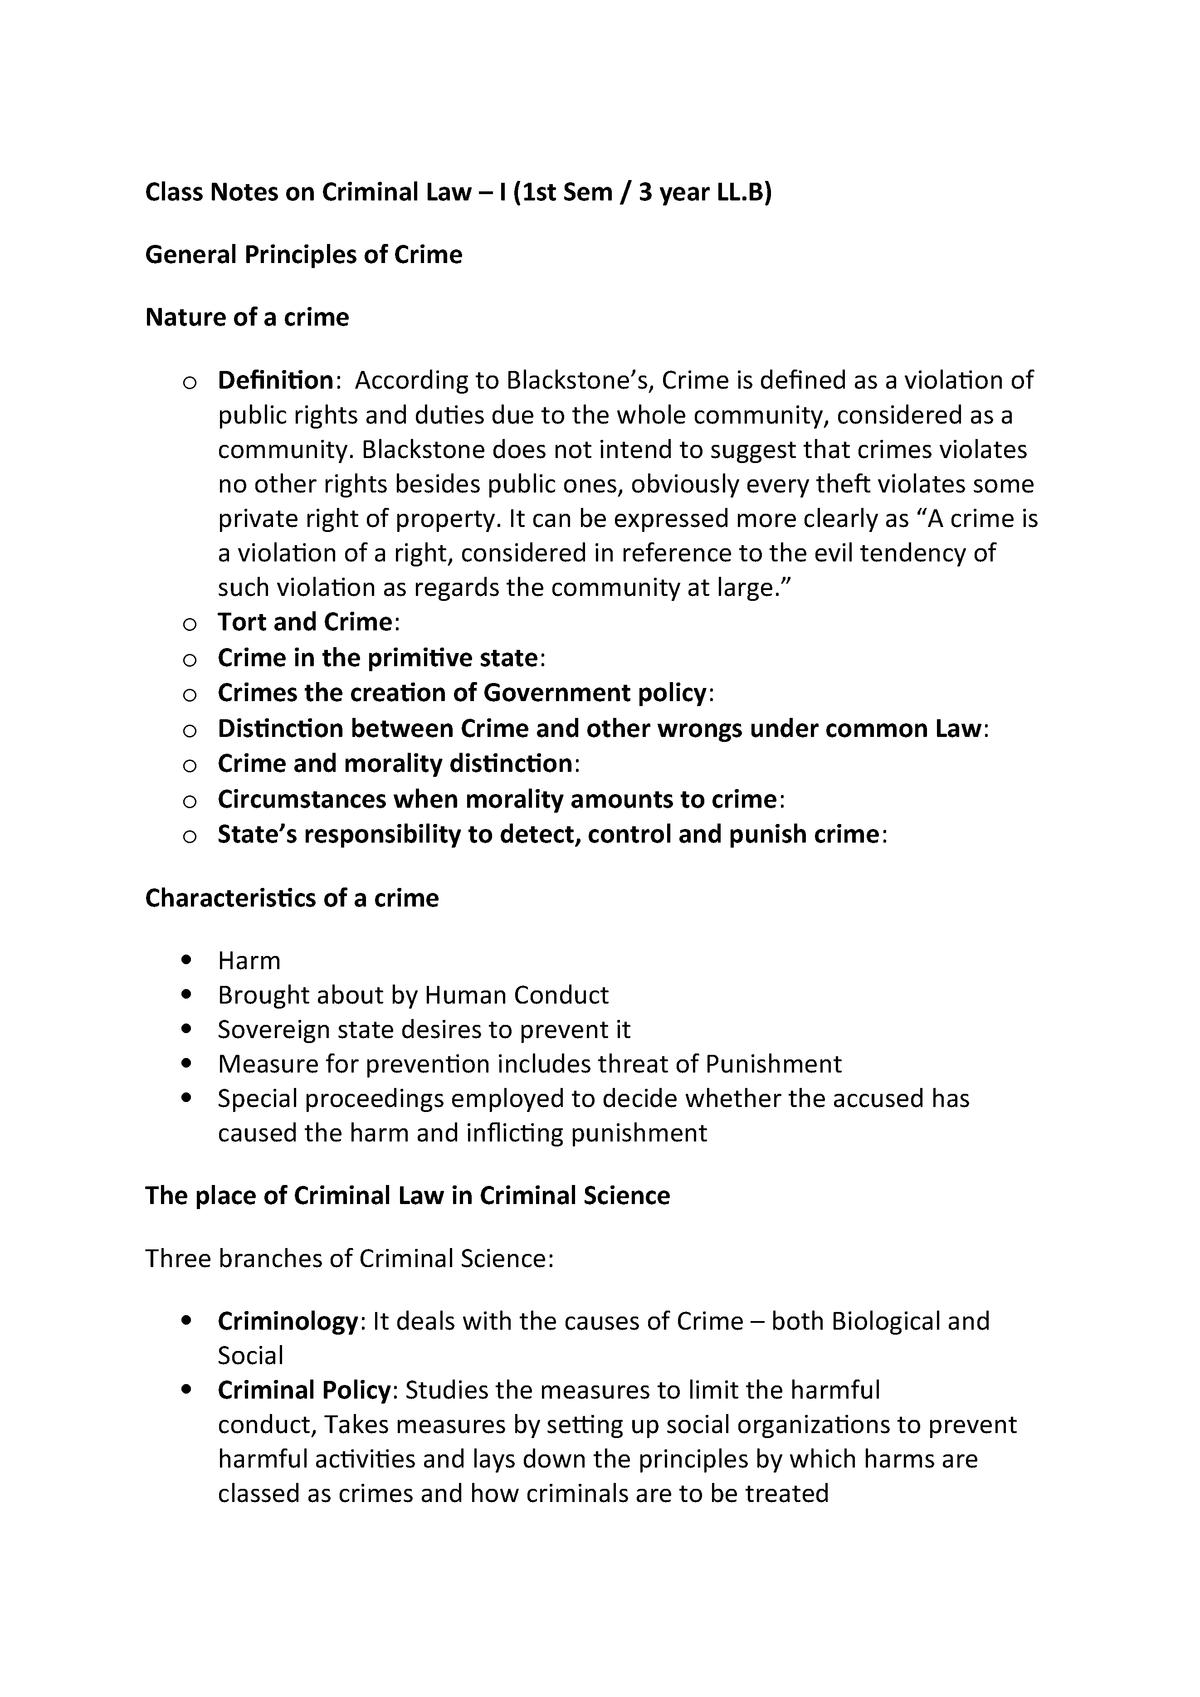 LLB Notes- Criminal Law -I - General Principles of Criminal Law